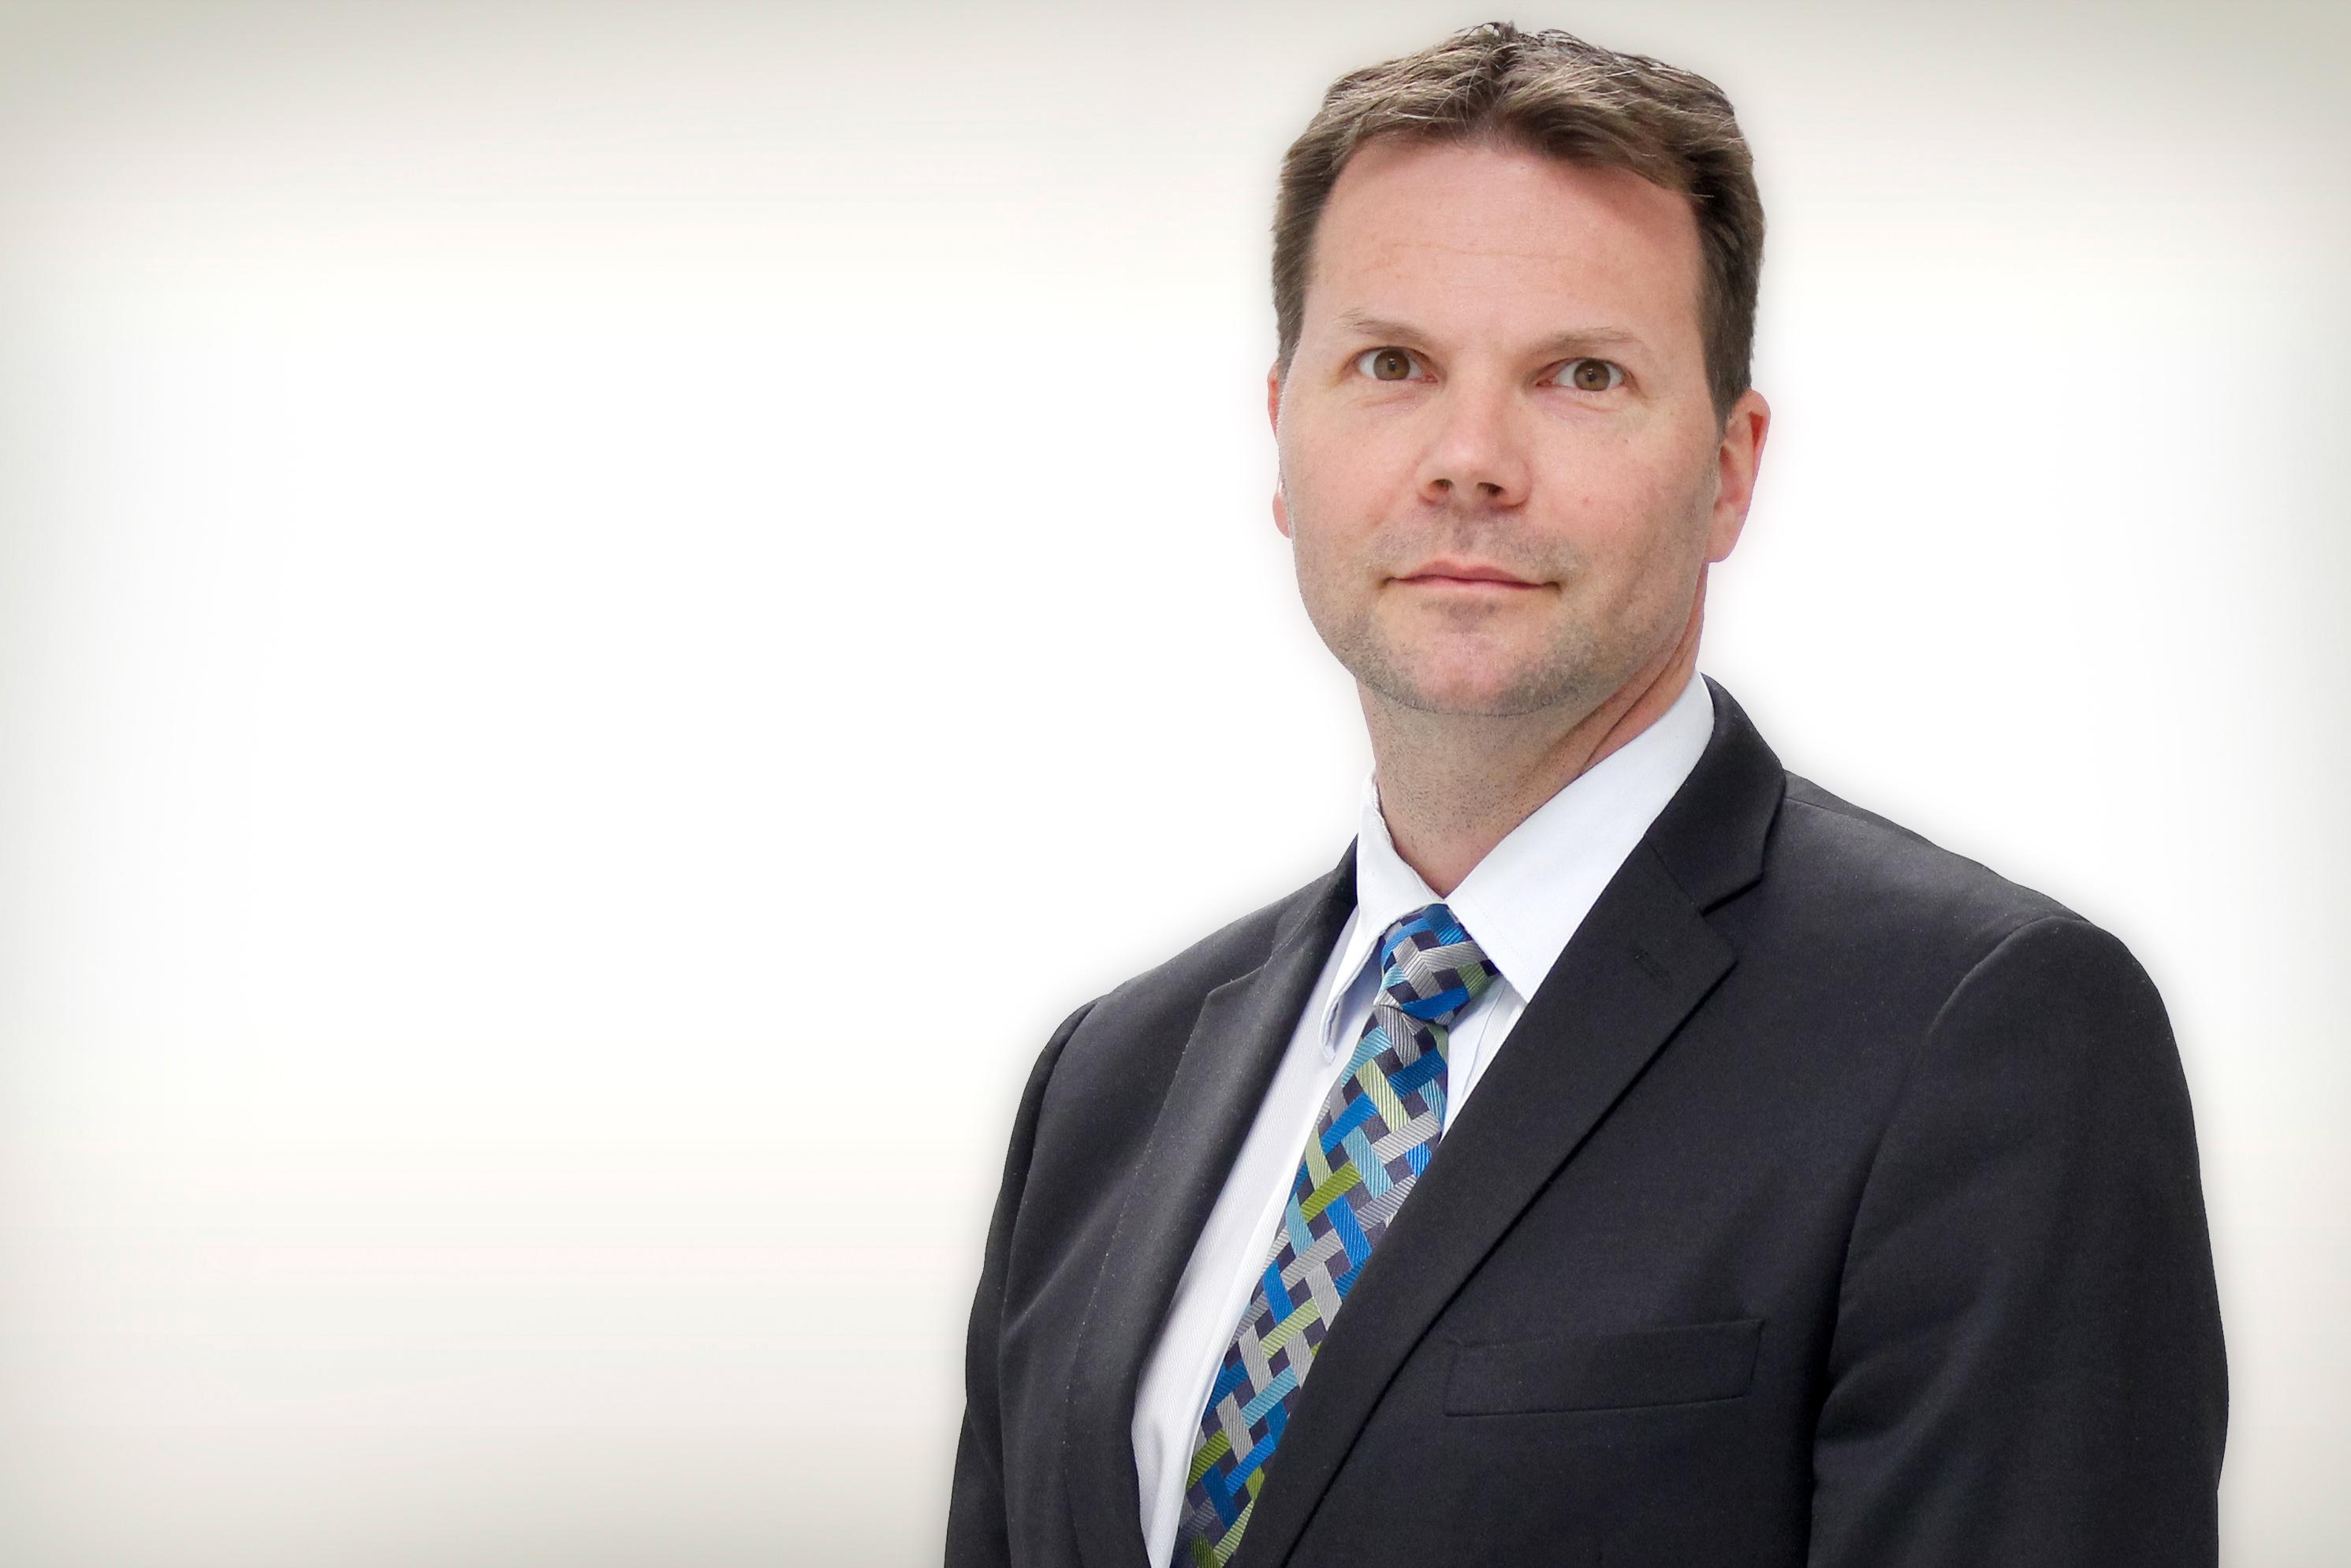 Esa Rusila, Managing Director, Peikko Finland